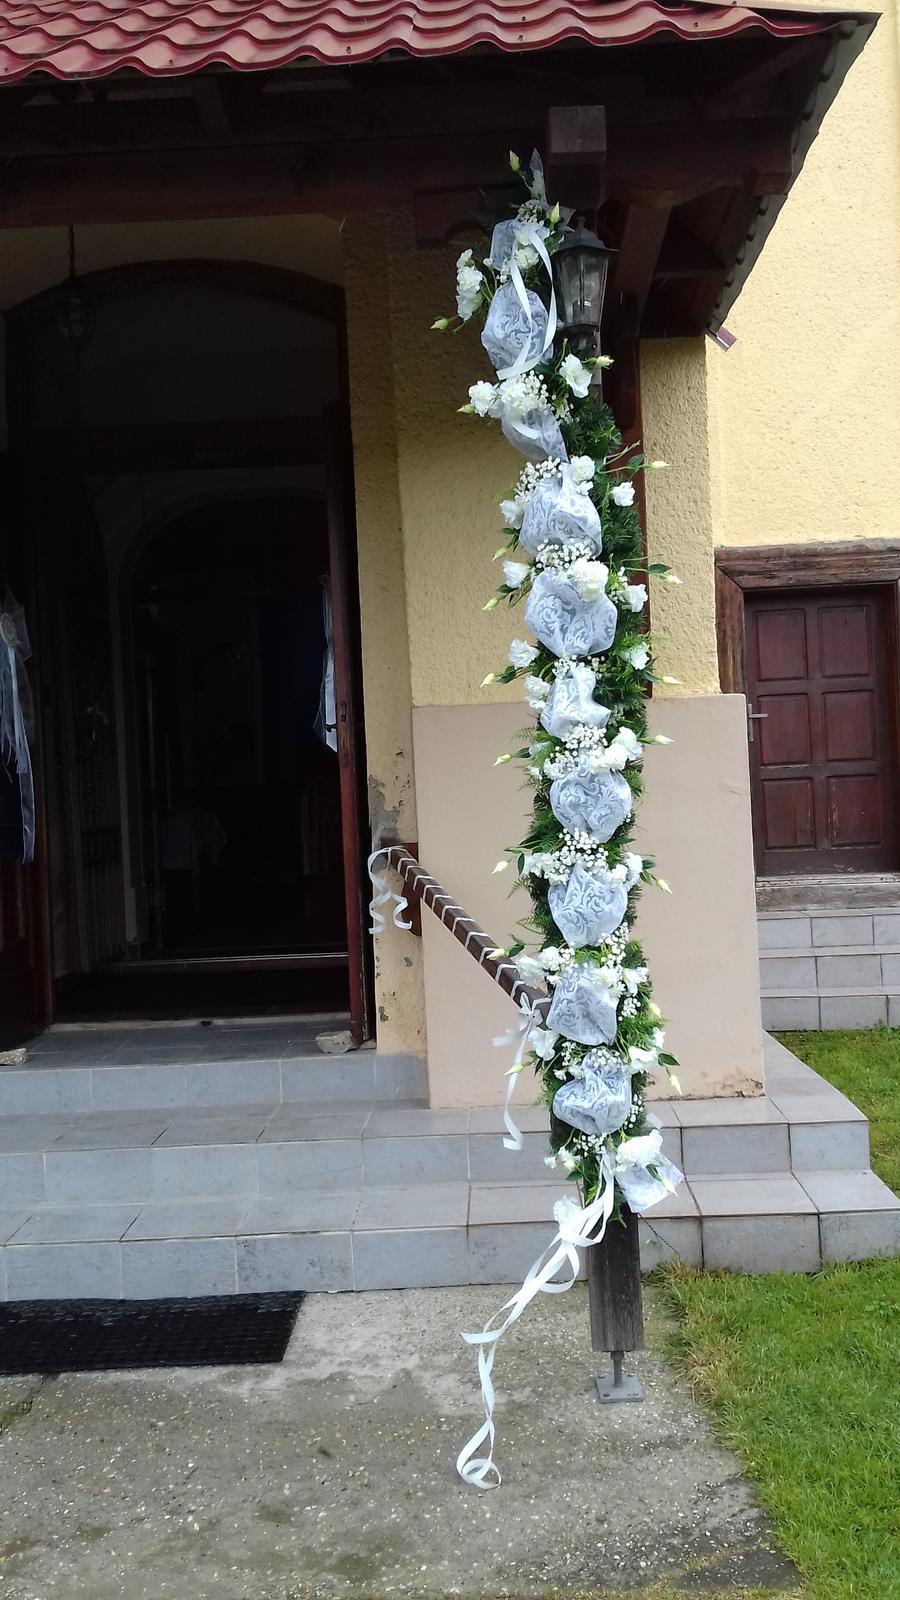 Svadobná girlanda na bránu,dvere - Obrázok č. 3